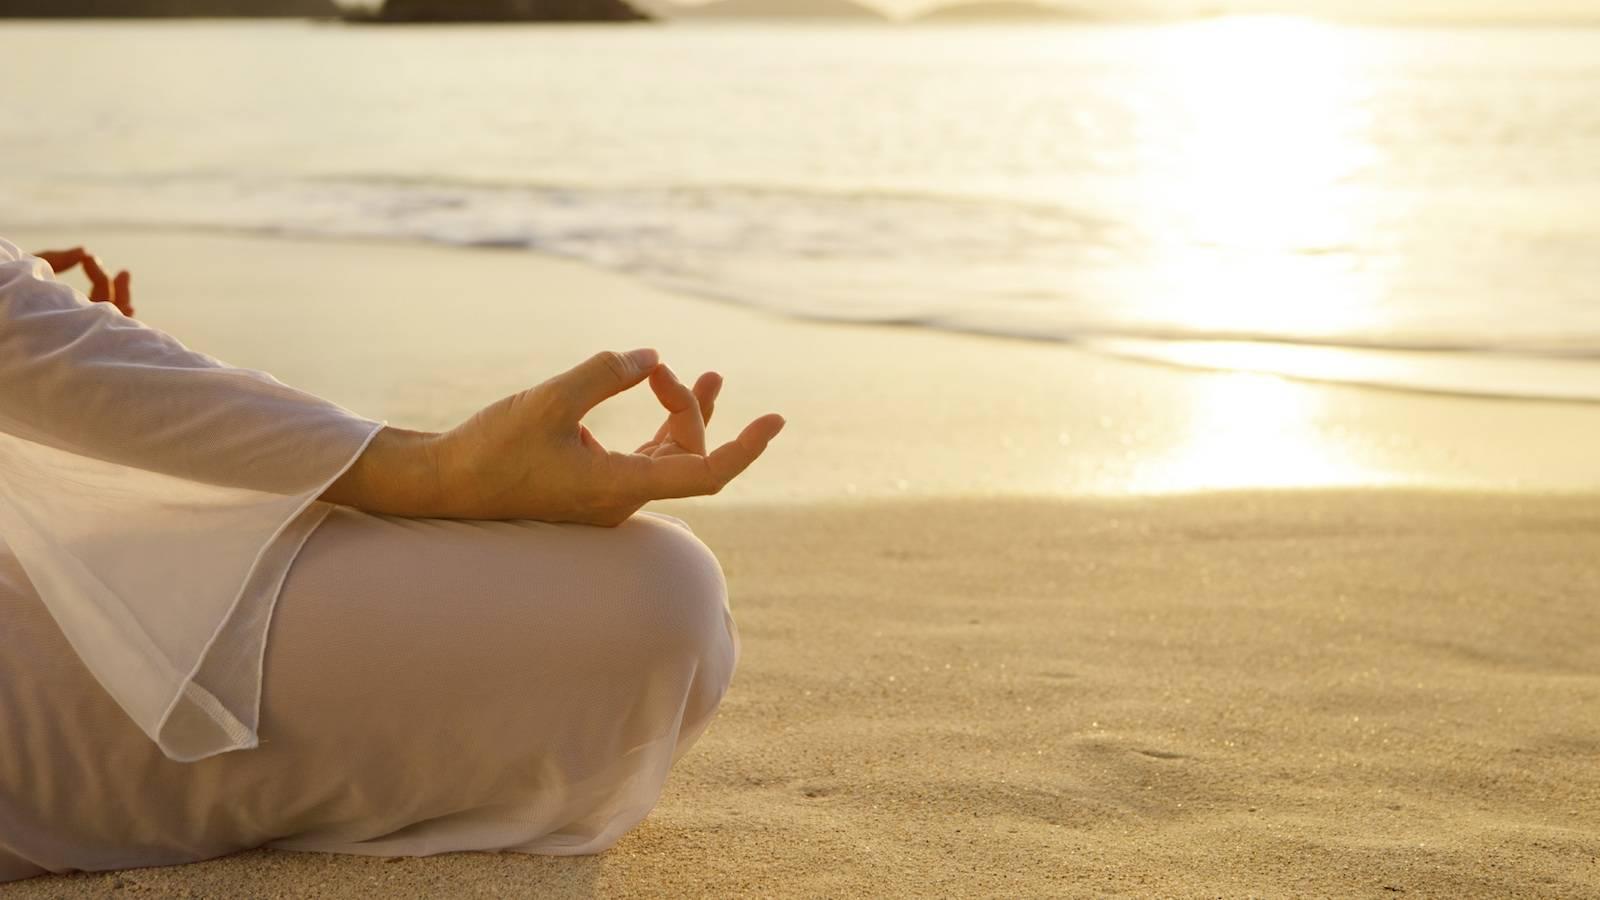 Медитация на восстановление сил и энергии: 4 техники, аудио и музыка